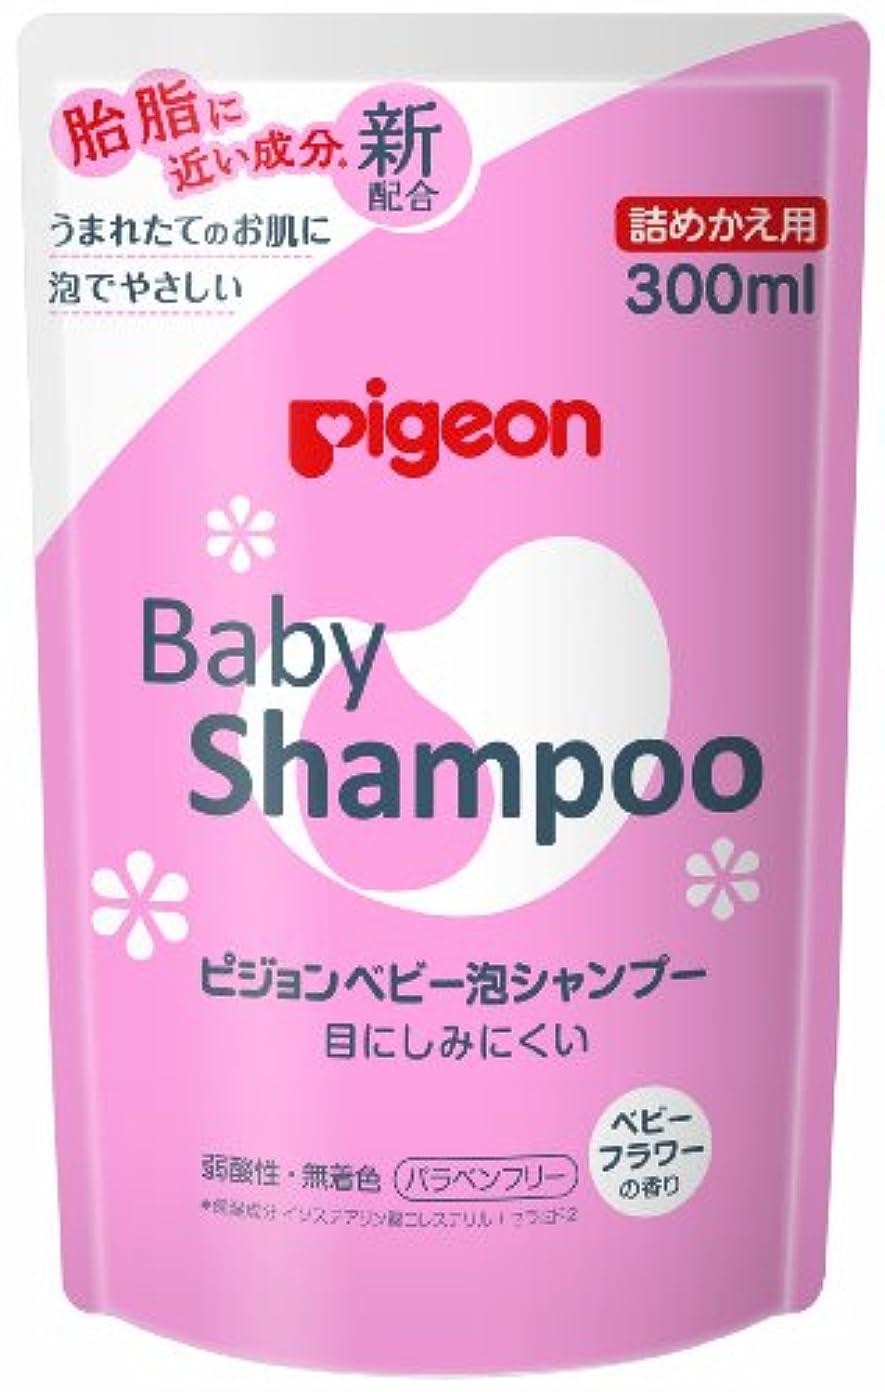 他に日常的に純粋なピジョン 泡シャンプー フラワーの香り 詰替用 300ml (0ヵ月~)